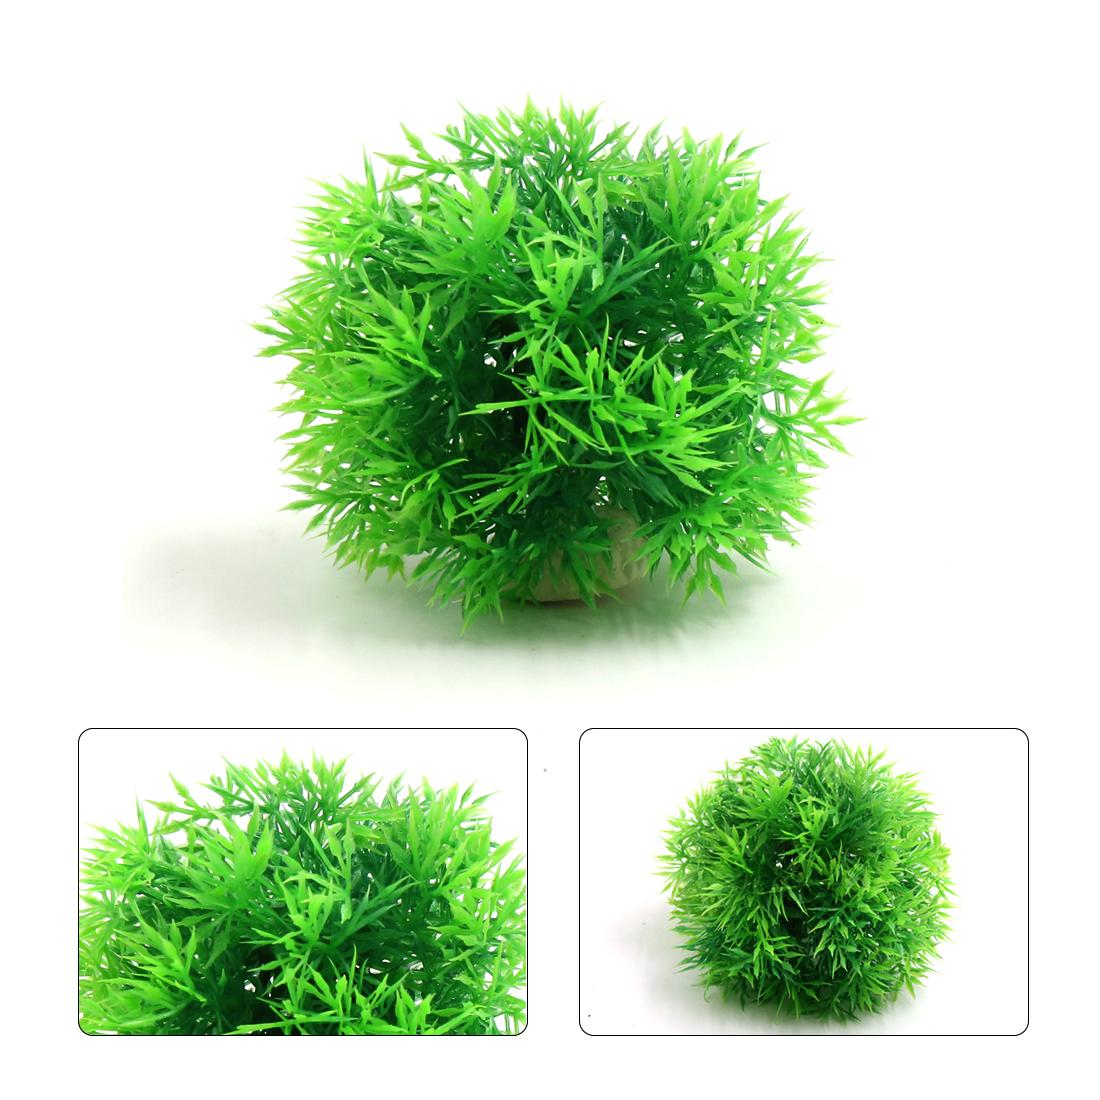 Green Plastic Needle Grass Ball Aquarium Fish Tank Decor Aquatic Plant Ornament